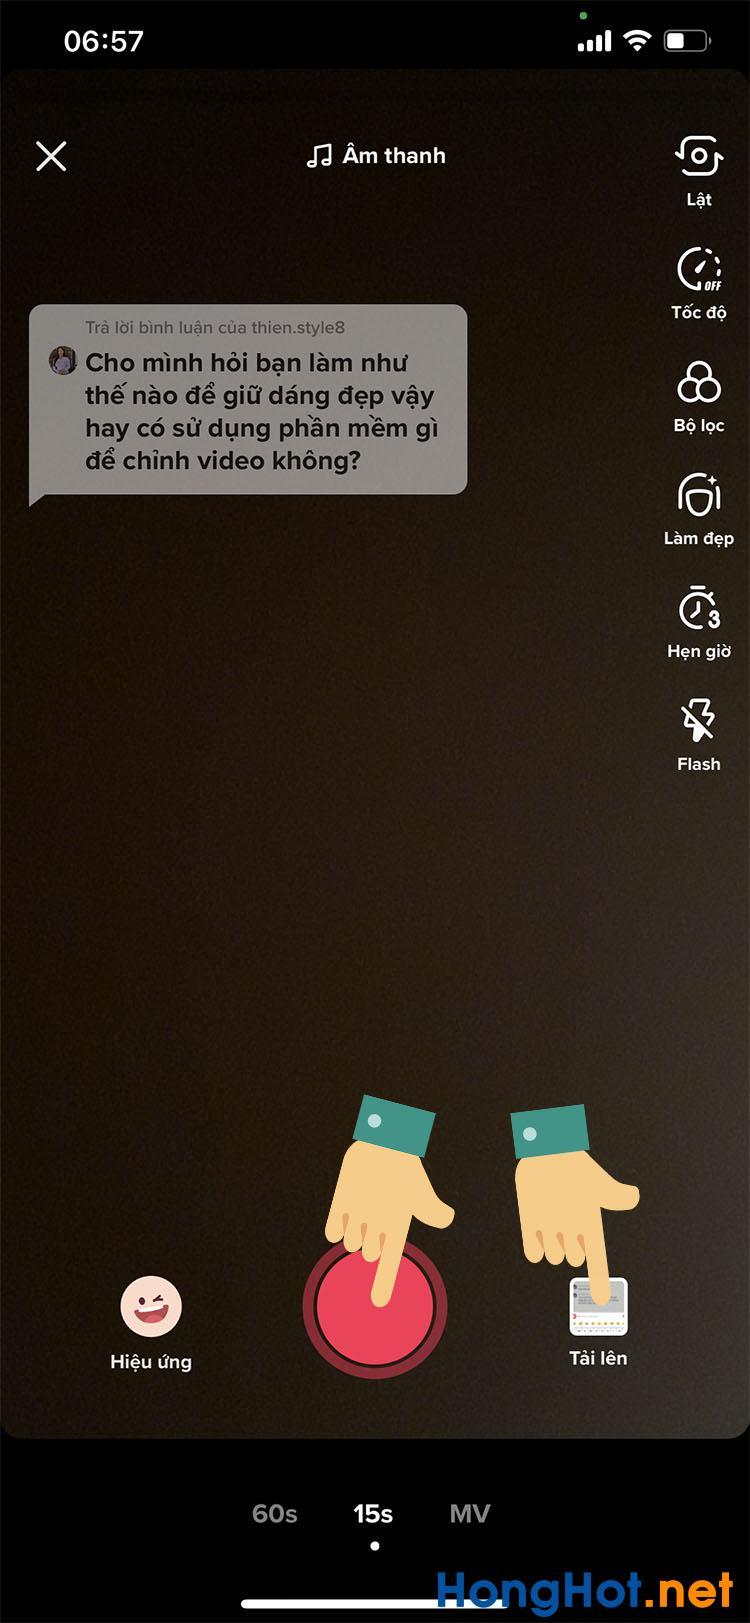 Cách ghép bình luận vào video Tik Tok 6